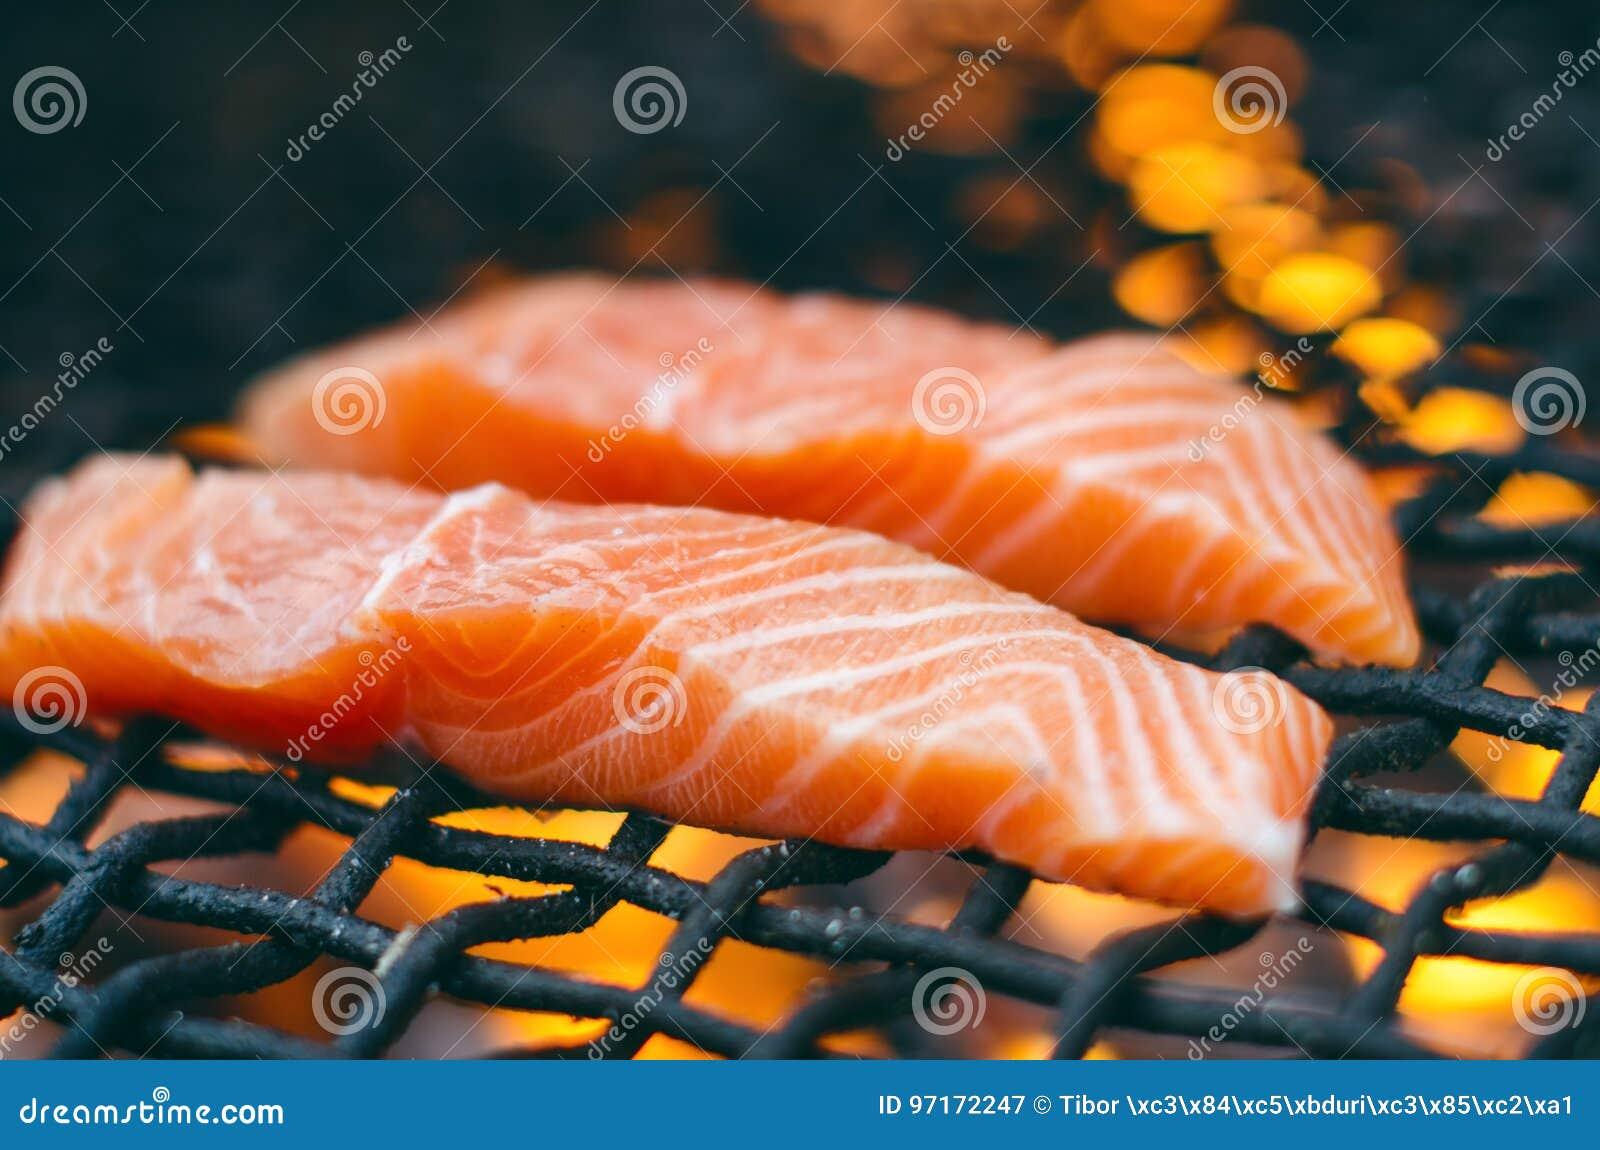 Bifes salmon grelhados em uma grade Grade da chama do fogo Cozinha do restaurante e do jardim Partido de jardim Prato saudável